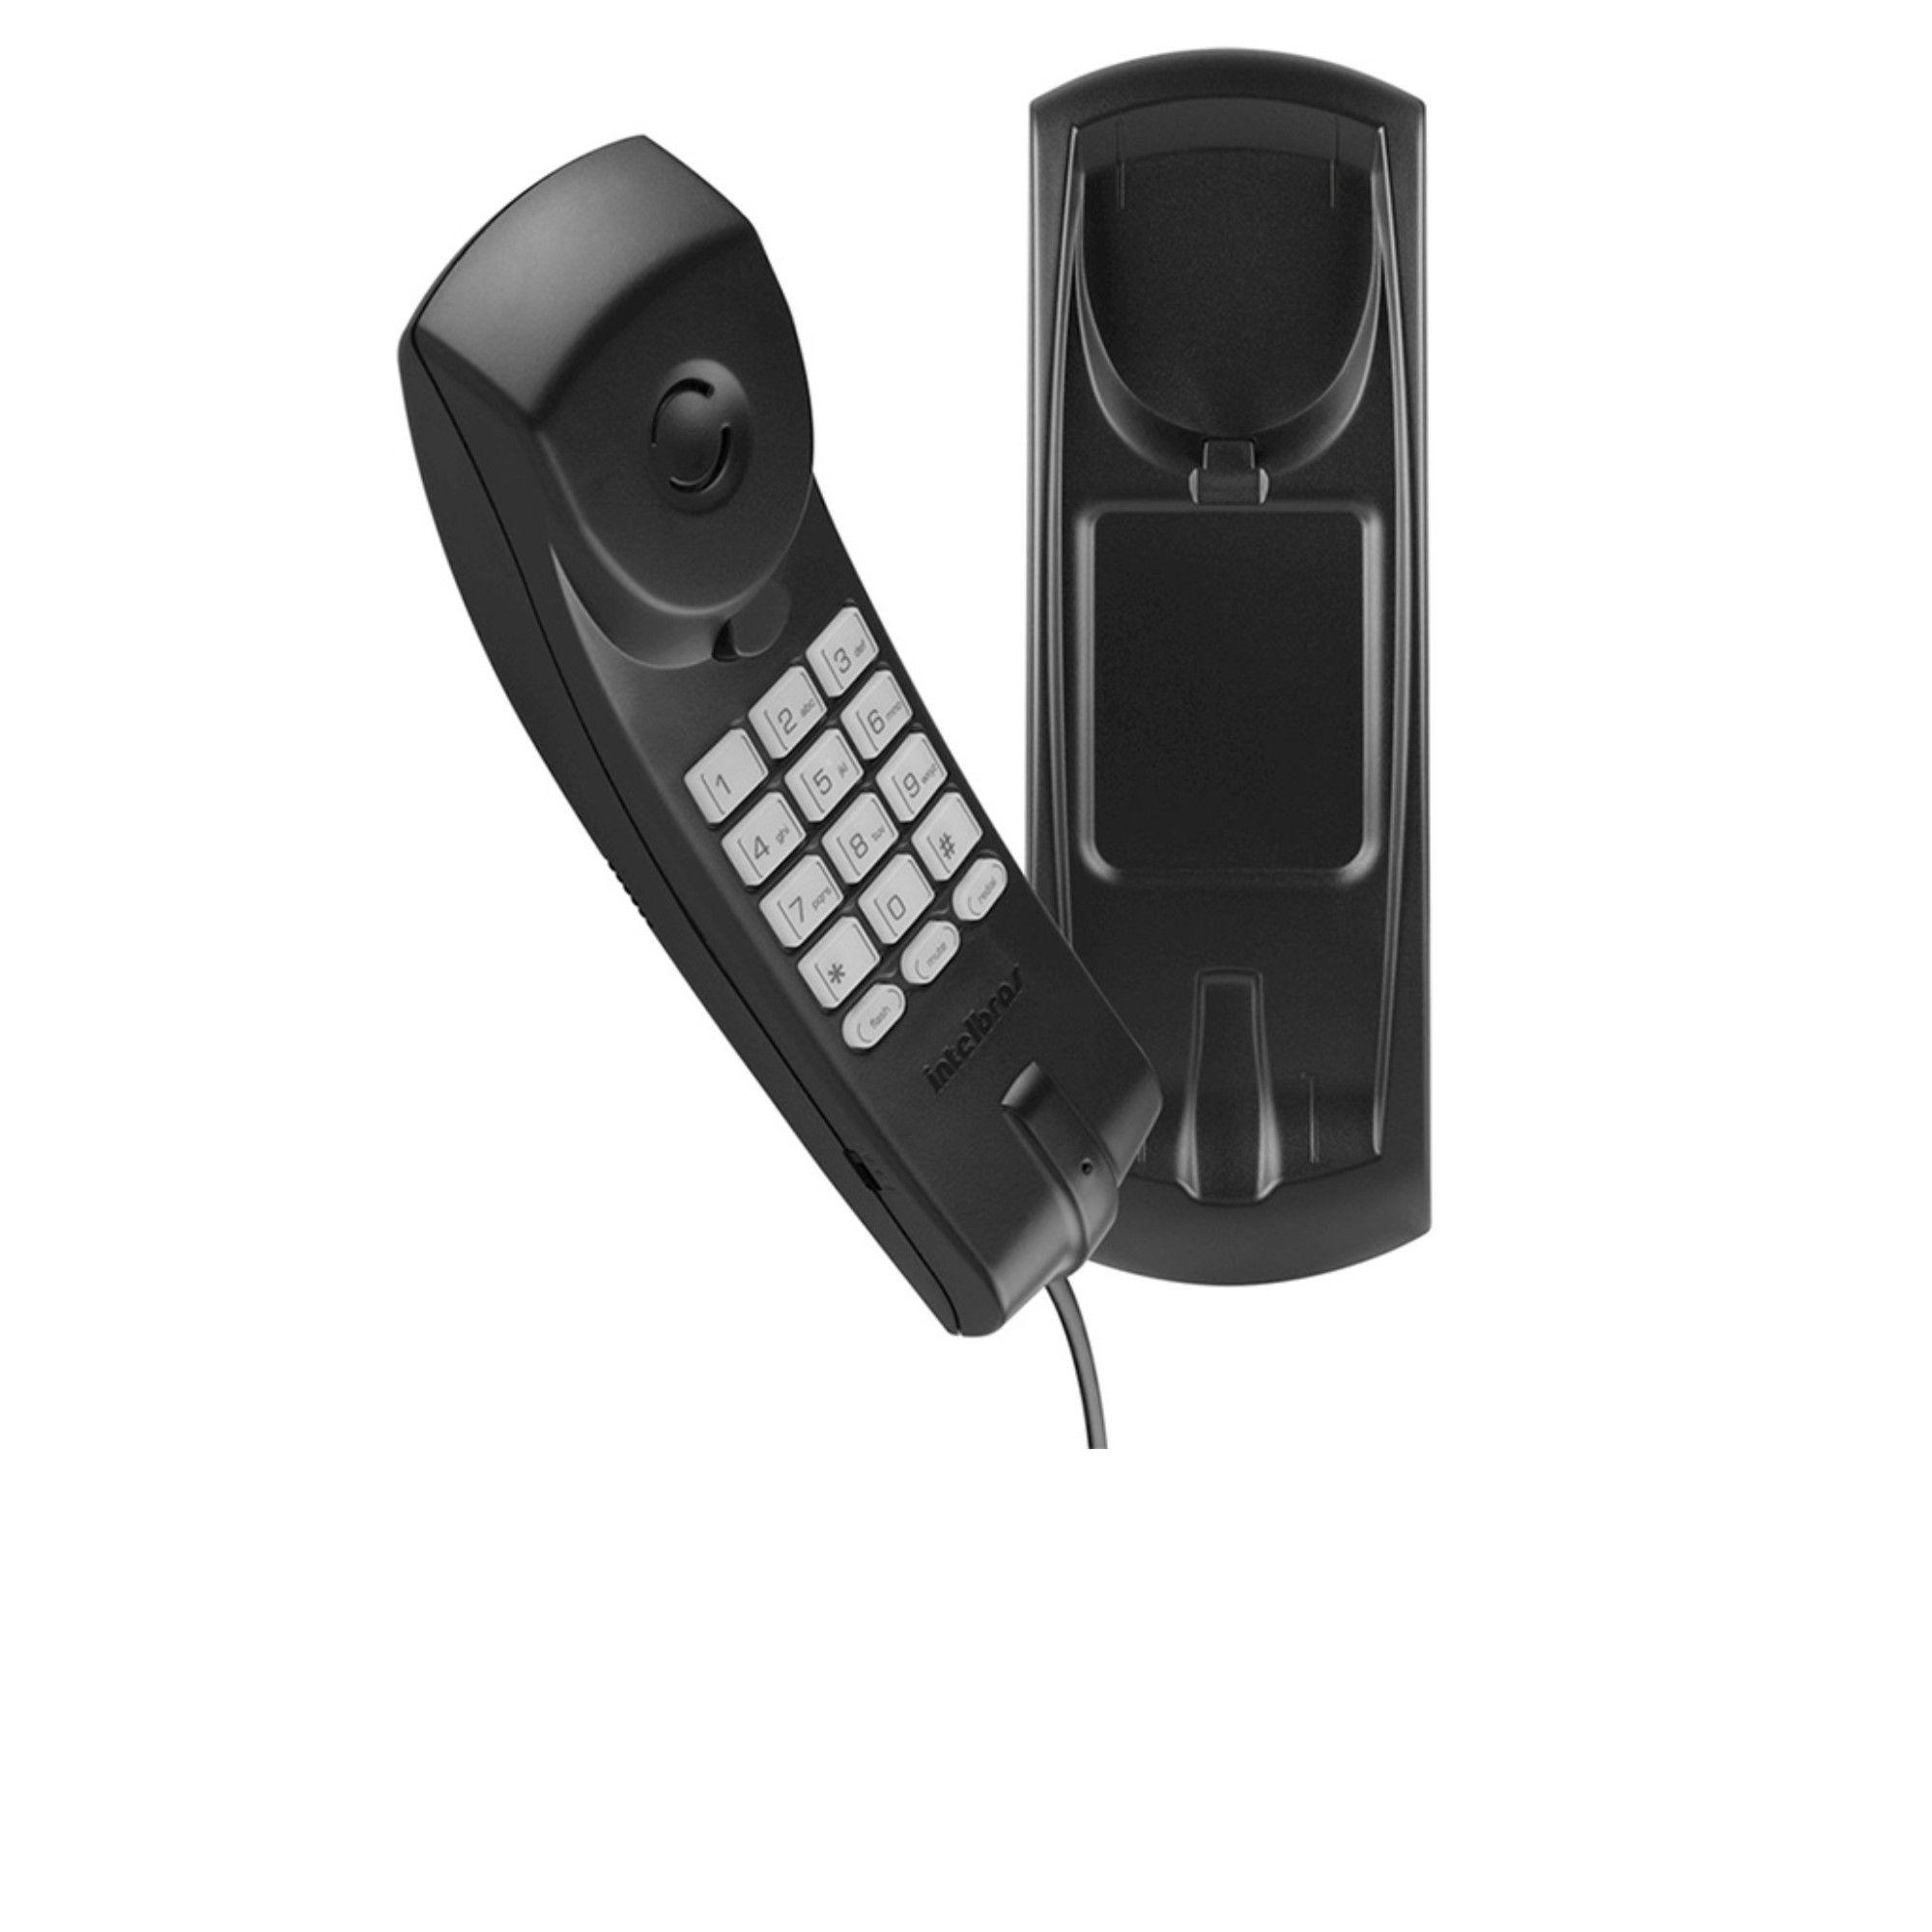 Aparelho Telefônico Fixo C/ Fio Intelbras TC20 Preto